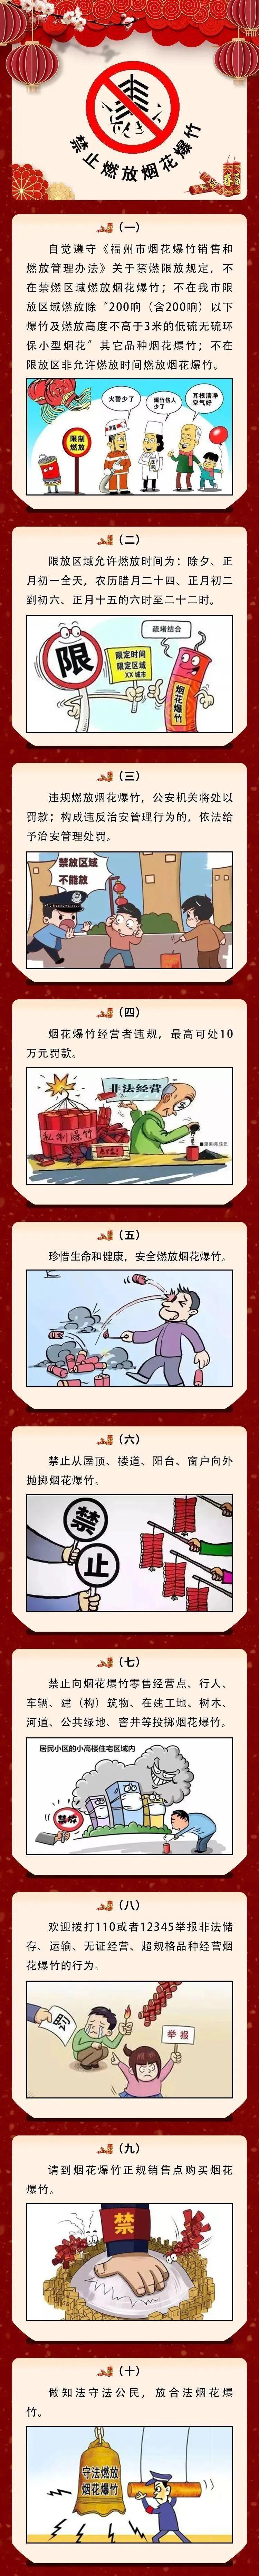 @所有福州人,春节怎么燃放烟花爆竹,这些你该知道!